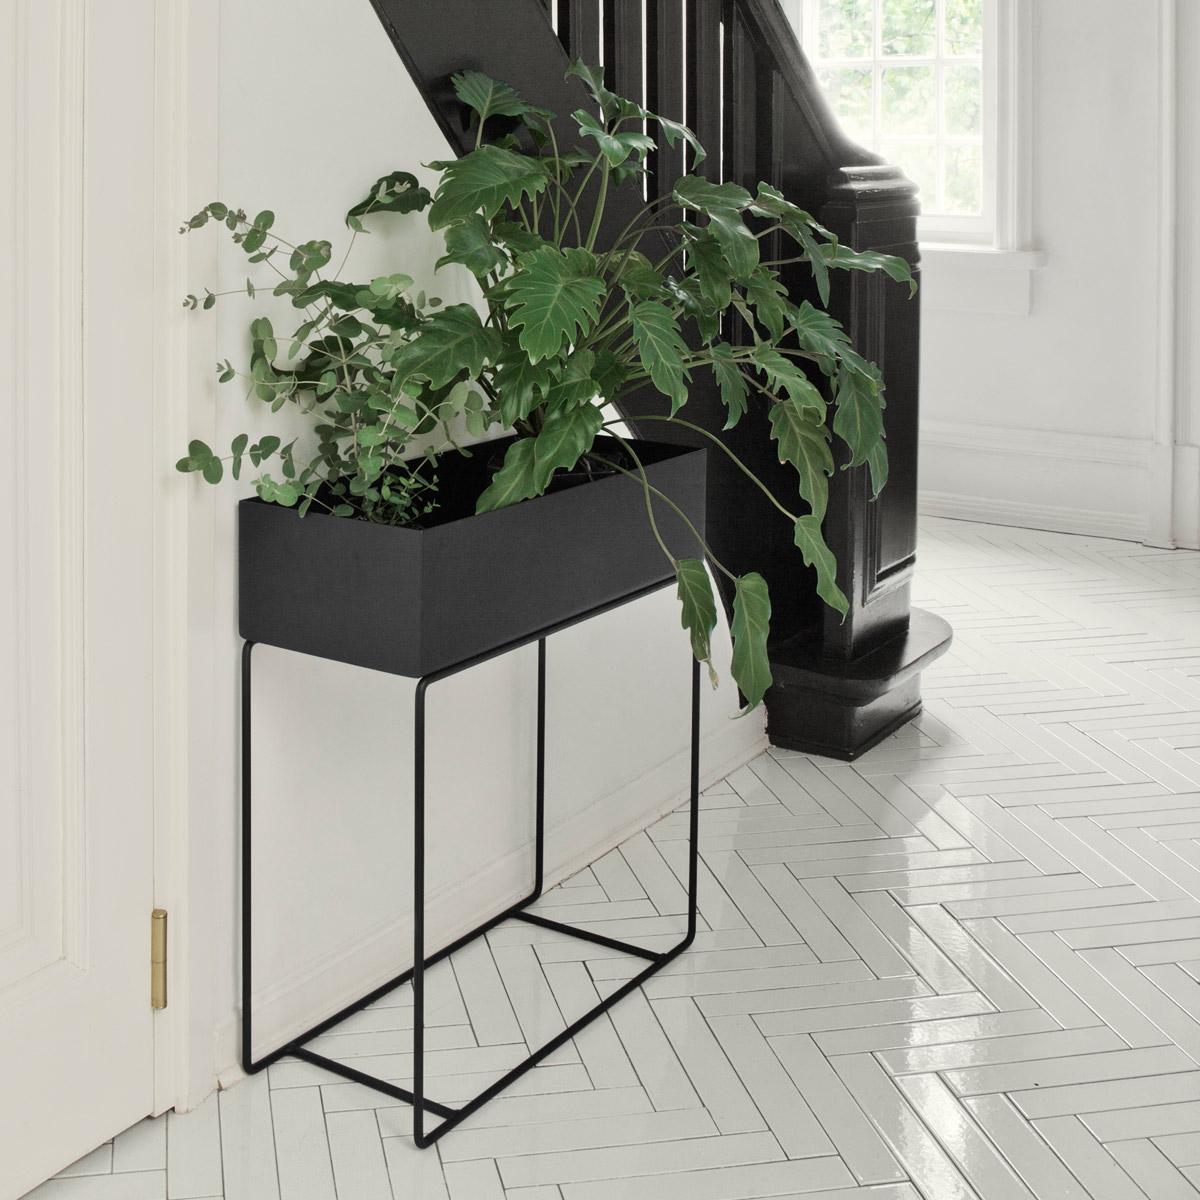 rikiki grafik produkt plant box large black. Black Bedroom Furniture Sets. Home Design Ideas